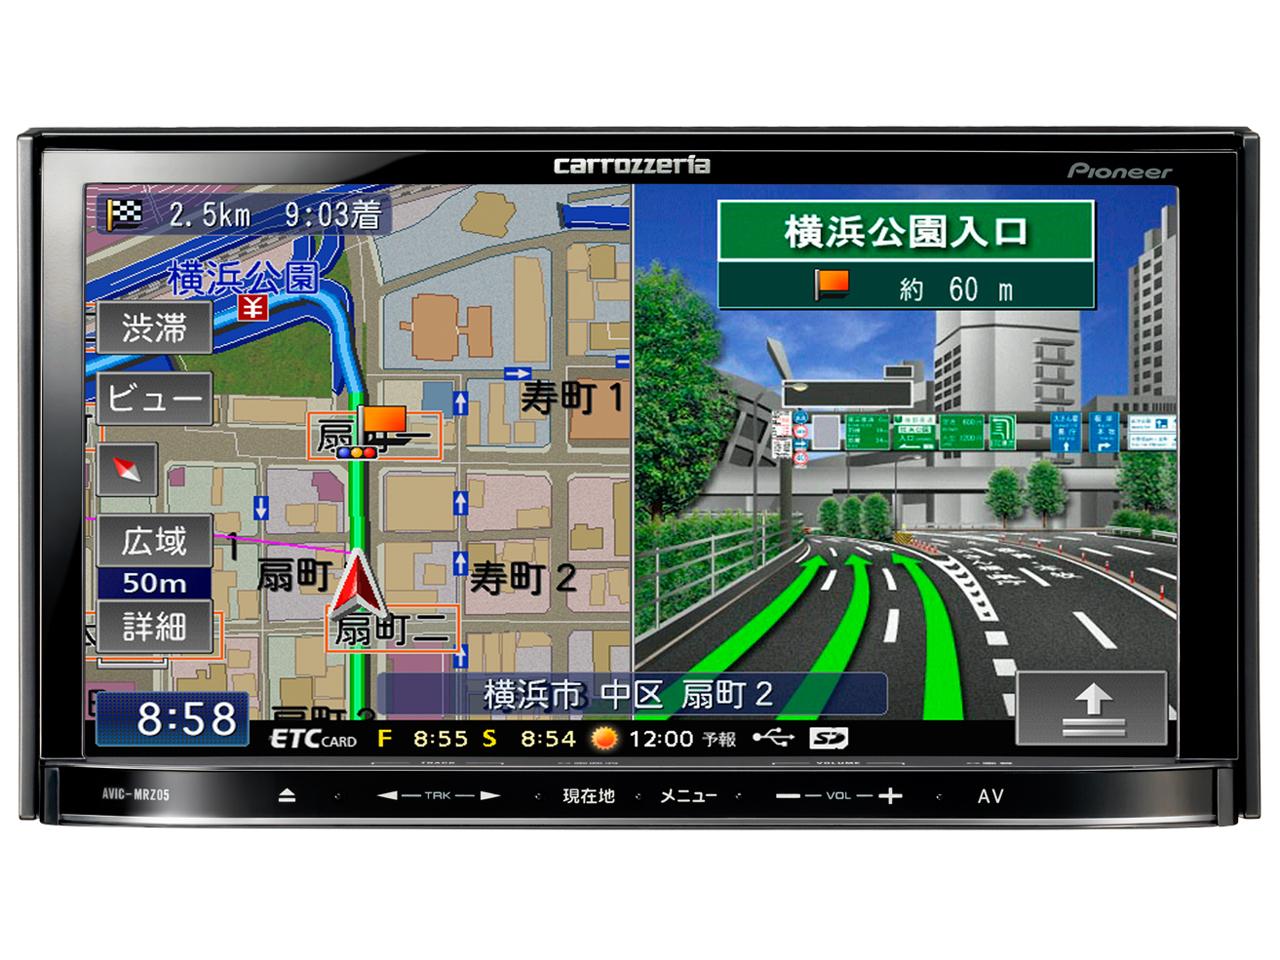 Western Digital WD Blue 3TB hdd sata 3.5 inch internal